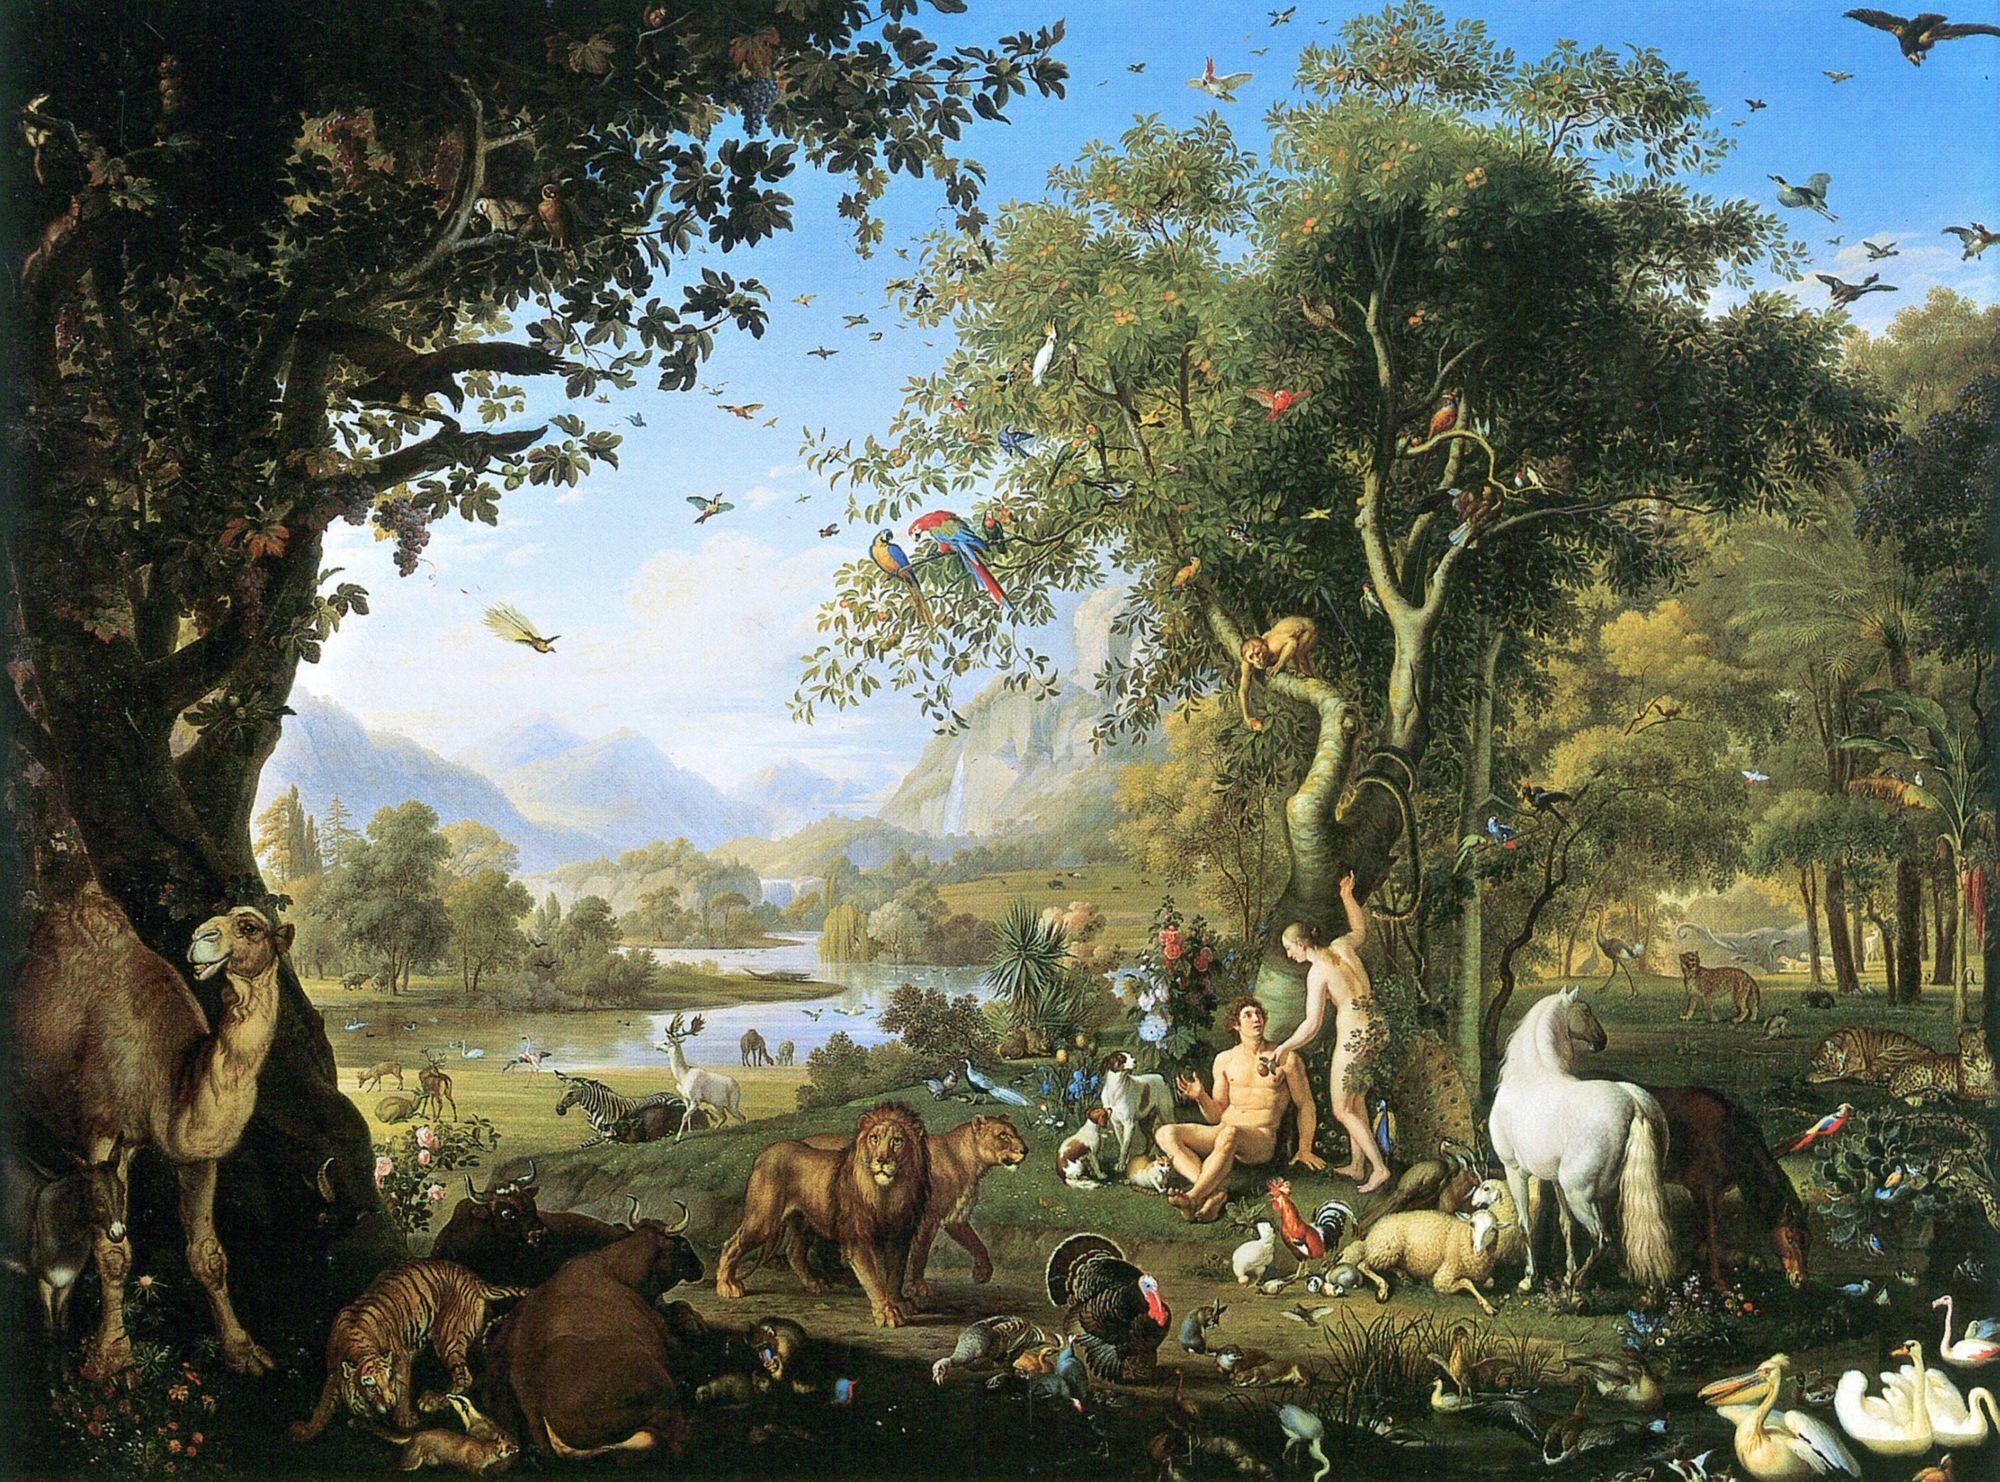 亞當和夏娃因為吃了「知善惡樹」的果實,獲得了智慧,被上帝趕出伊甸園。